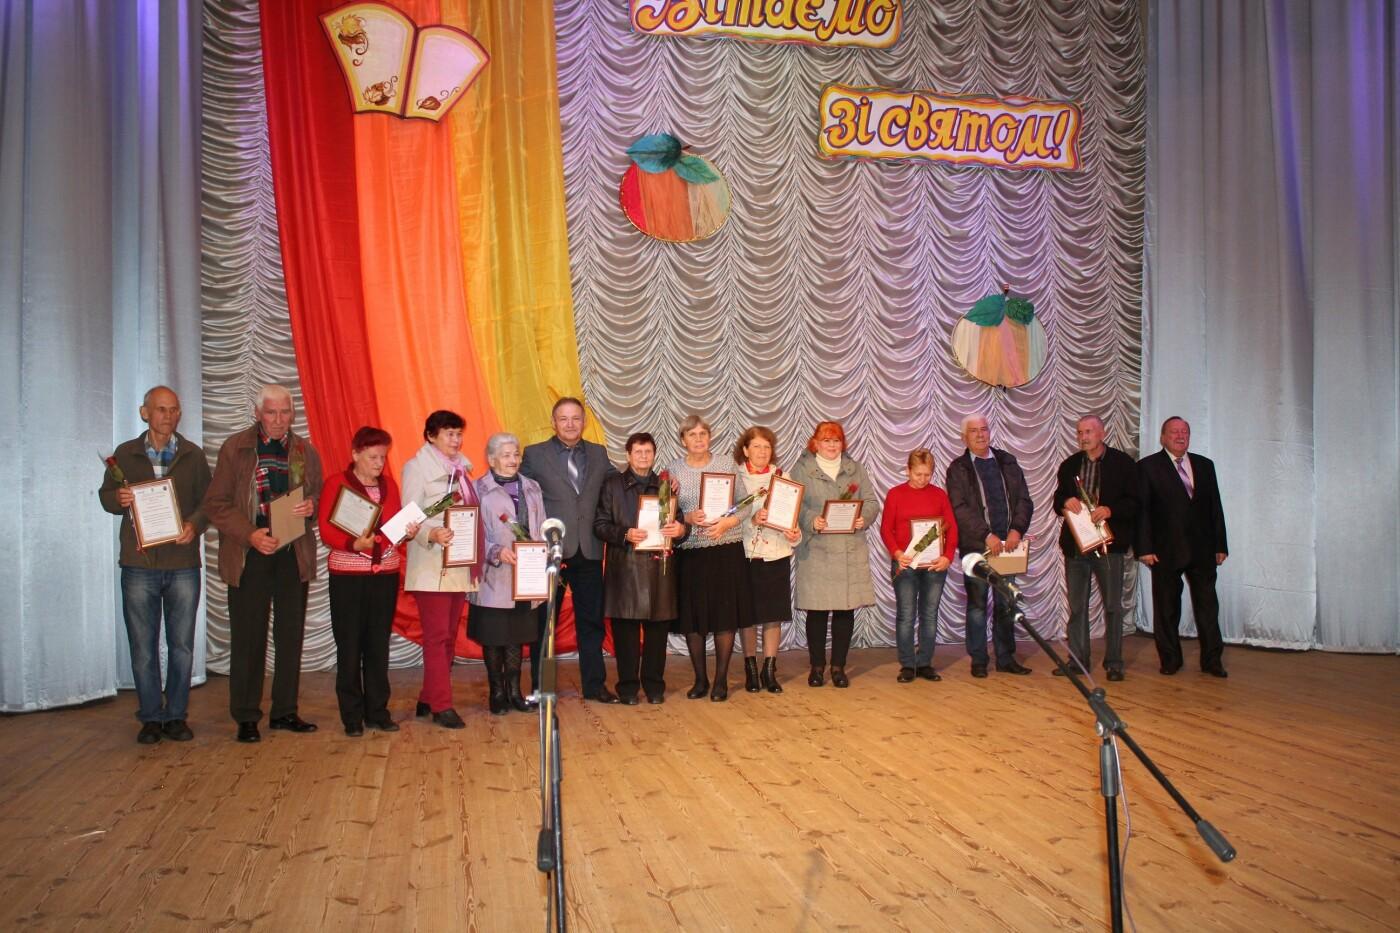 Поклон мудрости и опыту: В Дружковке сегодня чествовали пожилых жителей города (ФОТО), фото-1